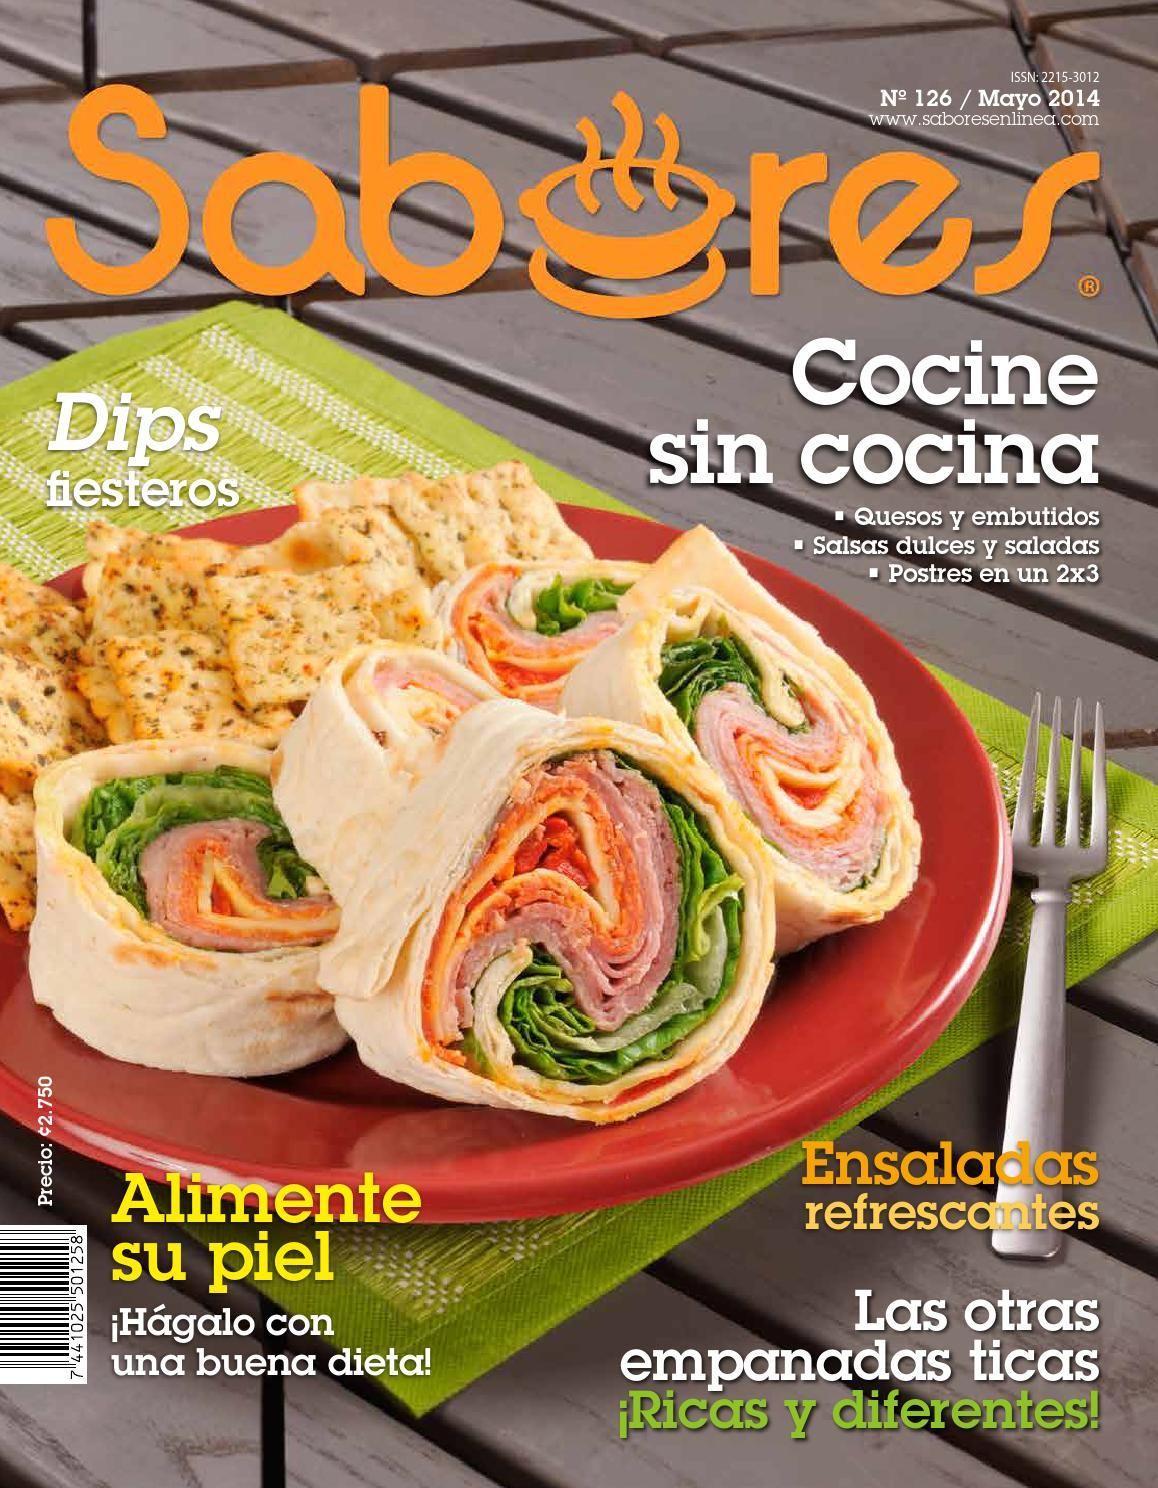 Sabores costa rica mayo 2014 libro cocina revistas - Comida para navidad facil ...